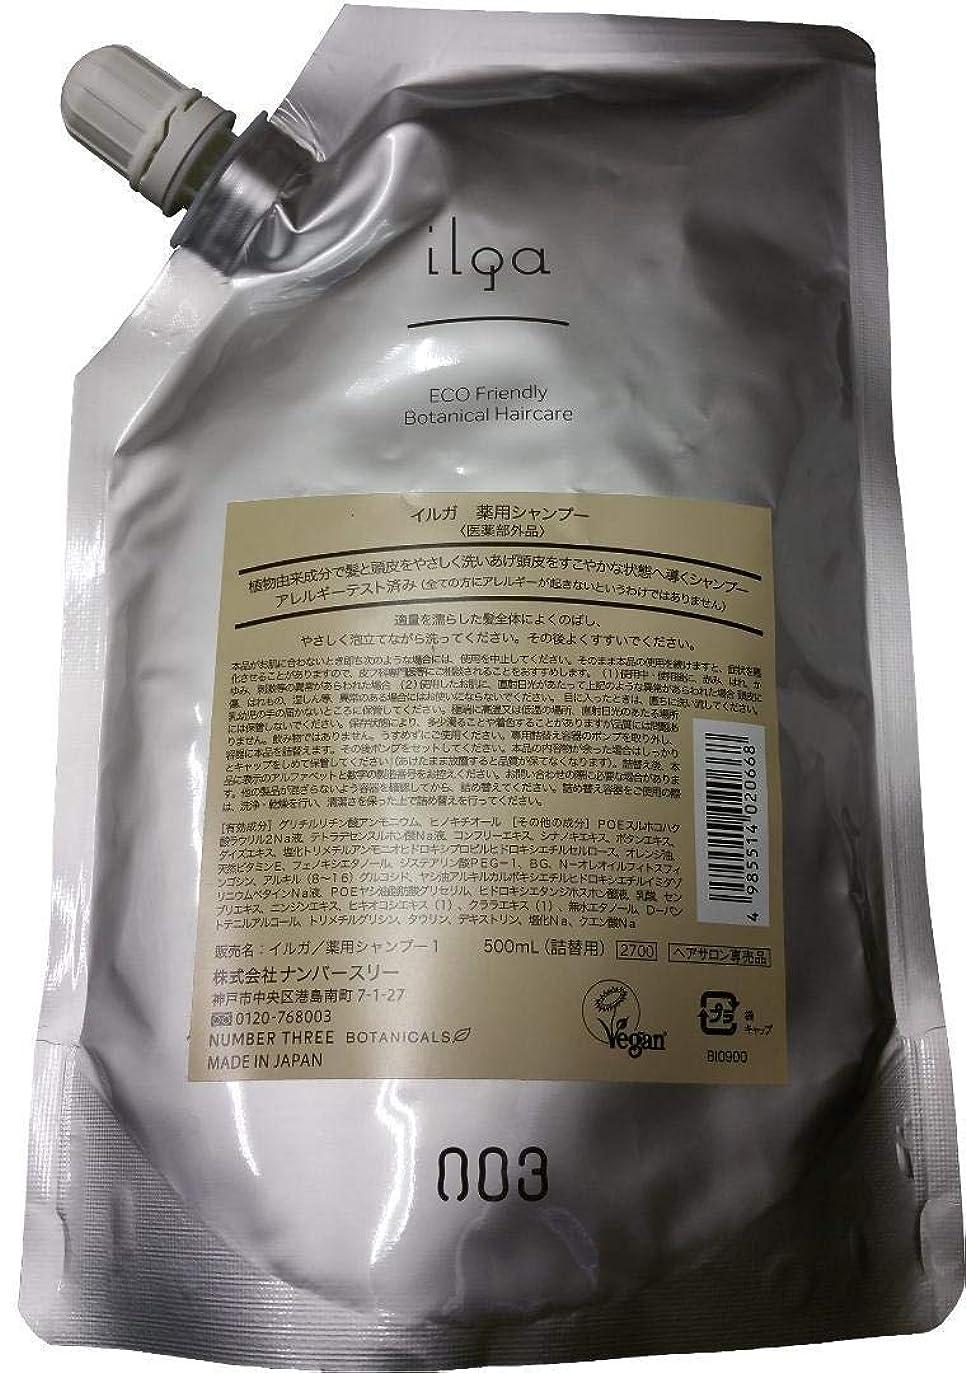 麦芽時代コイルナンバースリー イルガ 薬用 シャンプー 詰替用 500ml